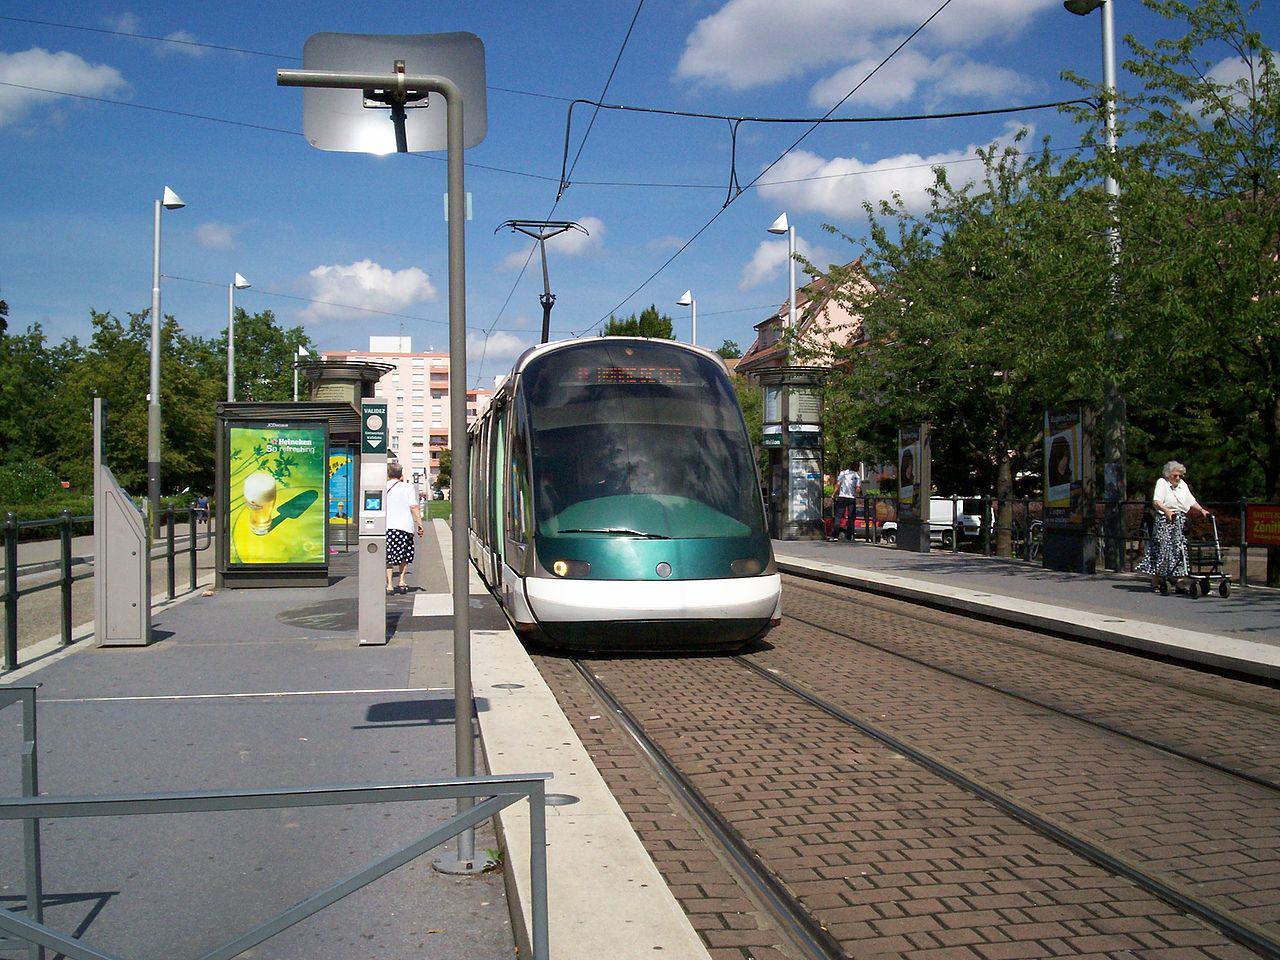 Tramwaj w dzielnicy Hautepierre | fot. Eole | Wikimedia Comons | lic. CC BY-SA 3.0